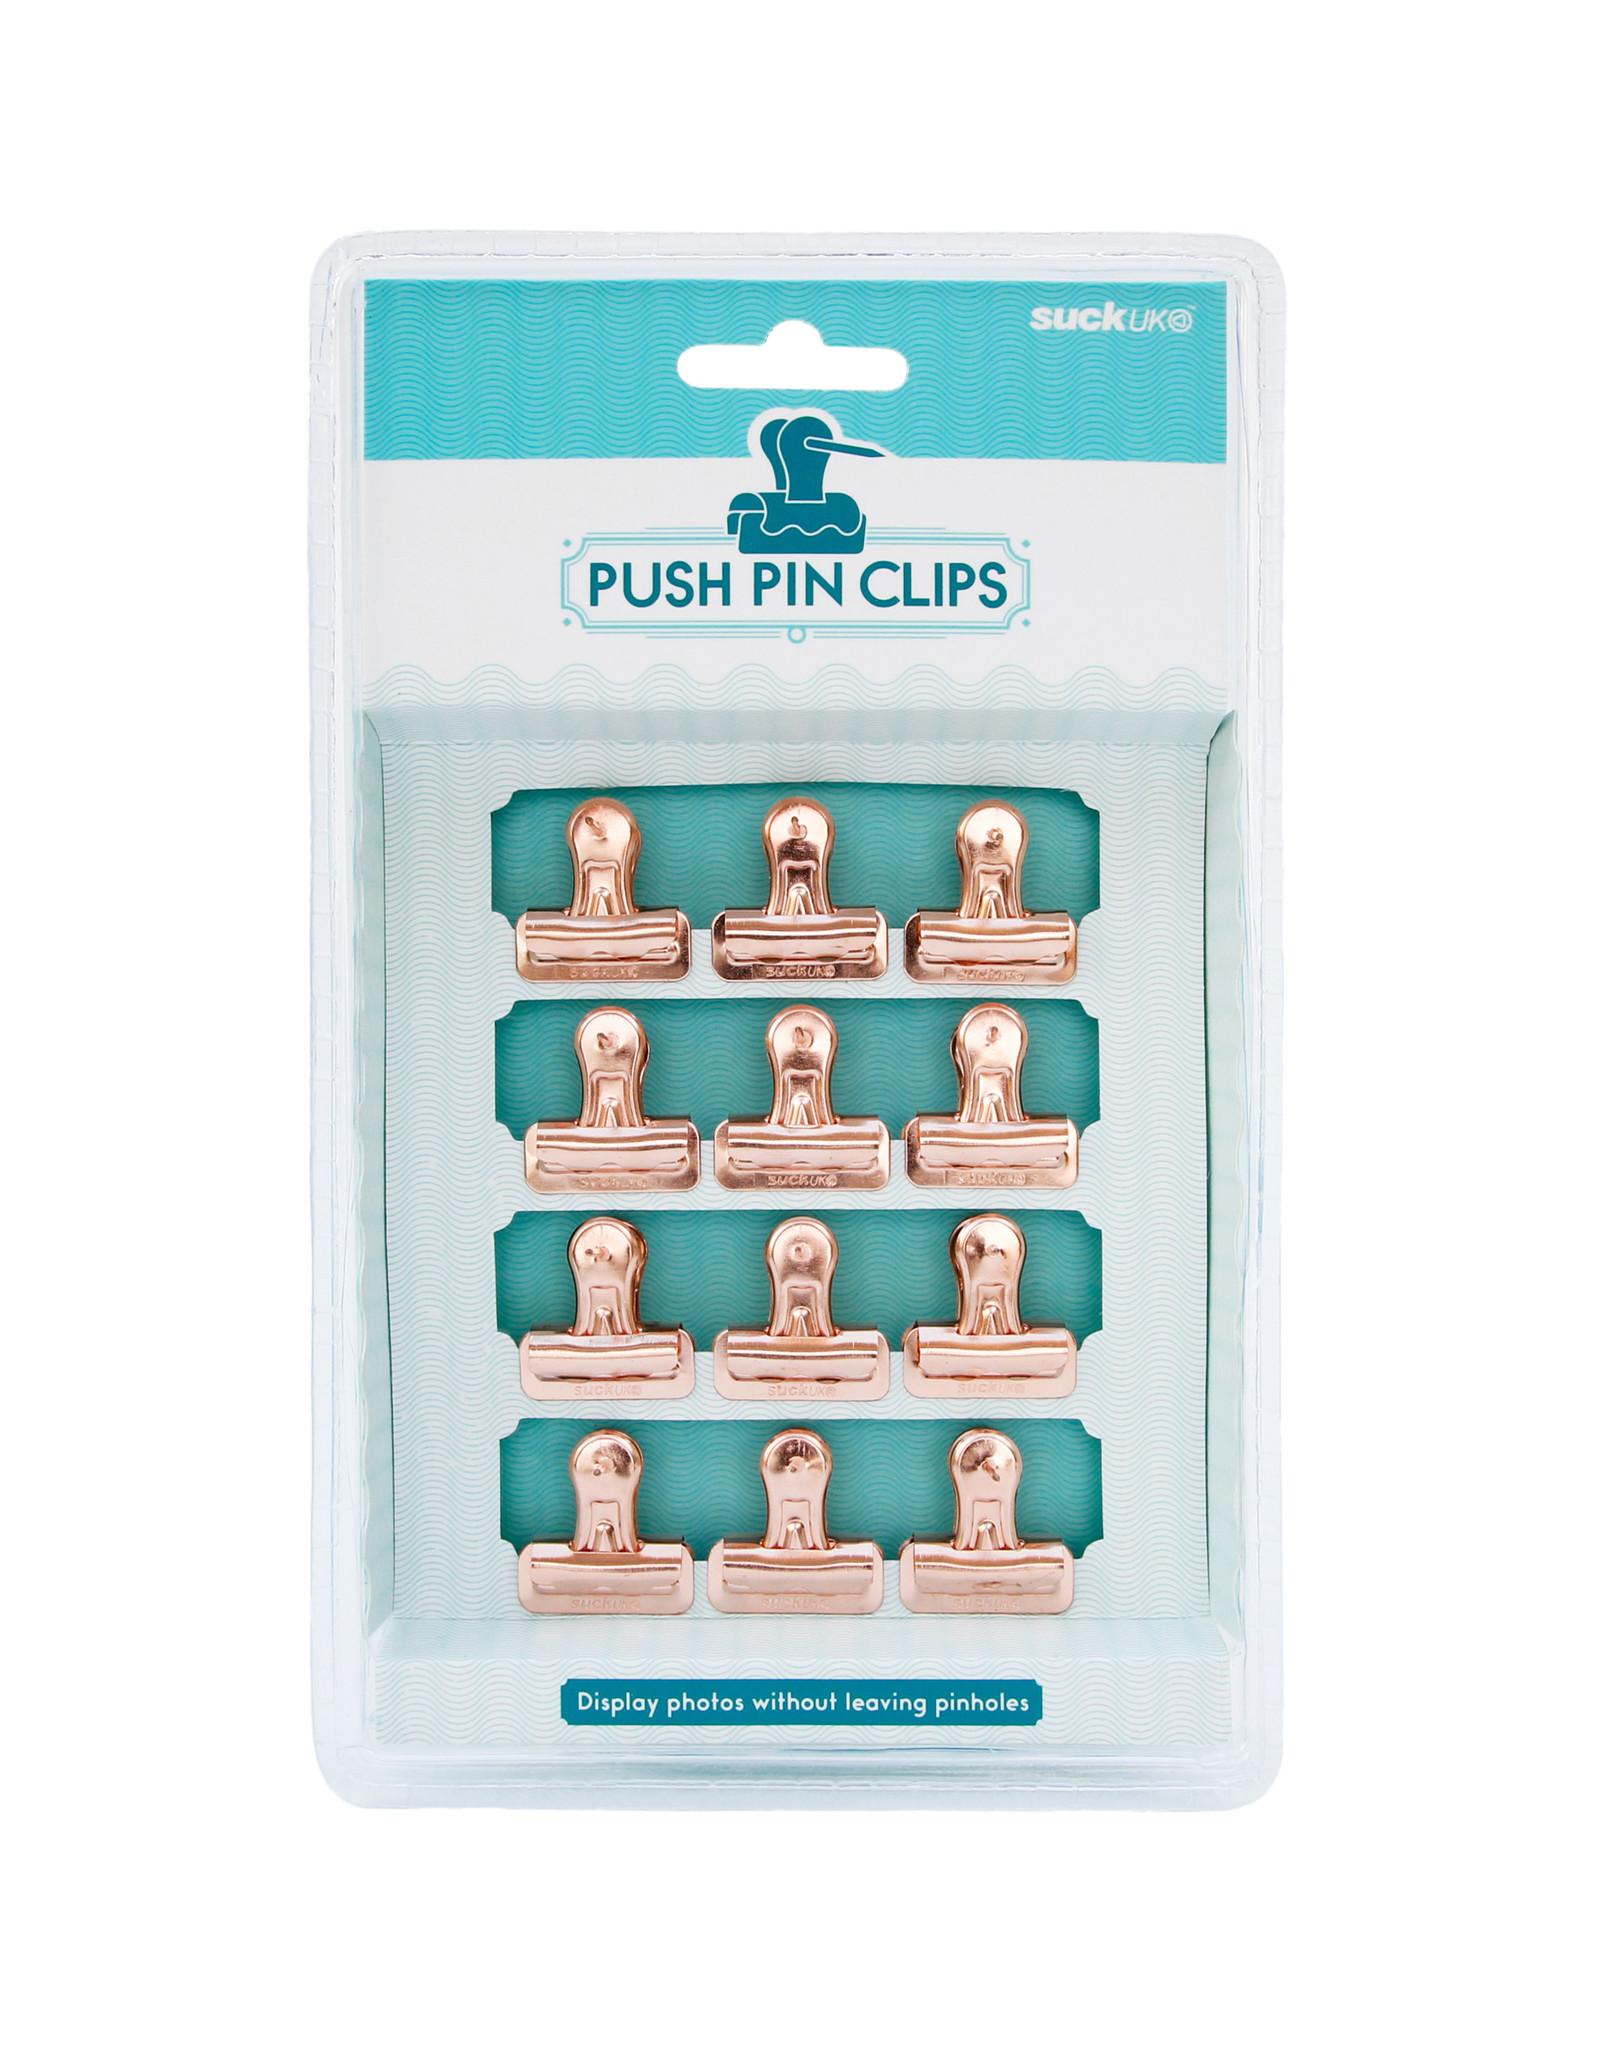 Suck UK Suck UK Push Pin Clips